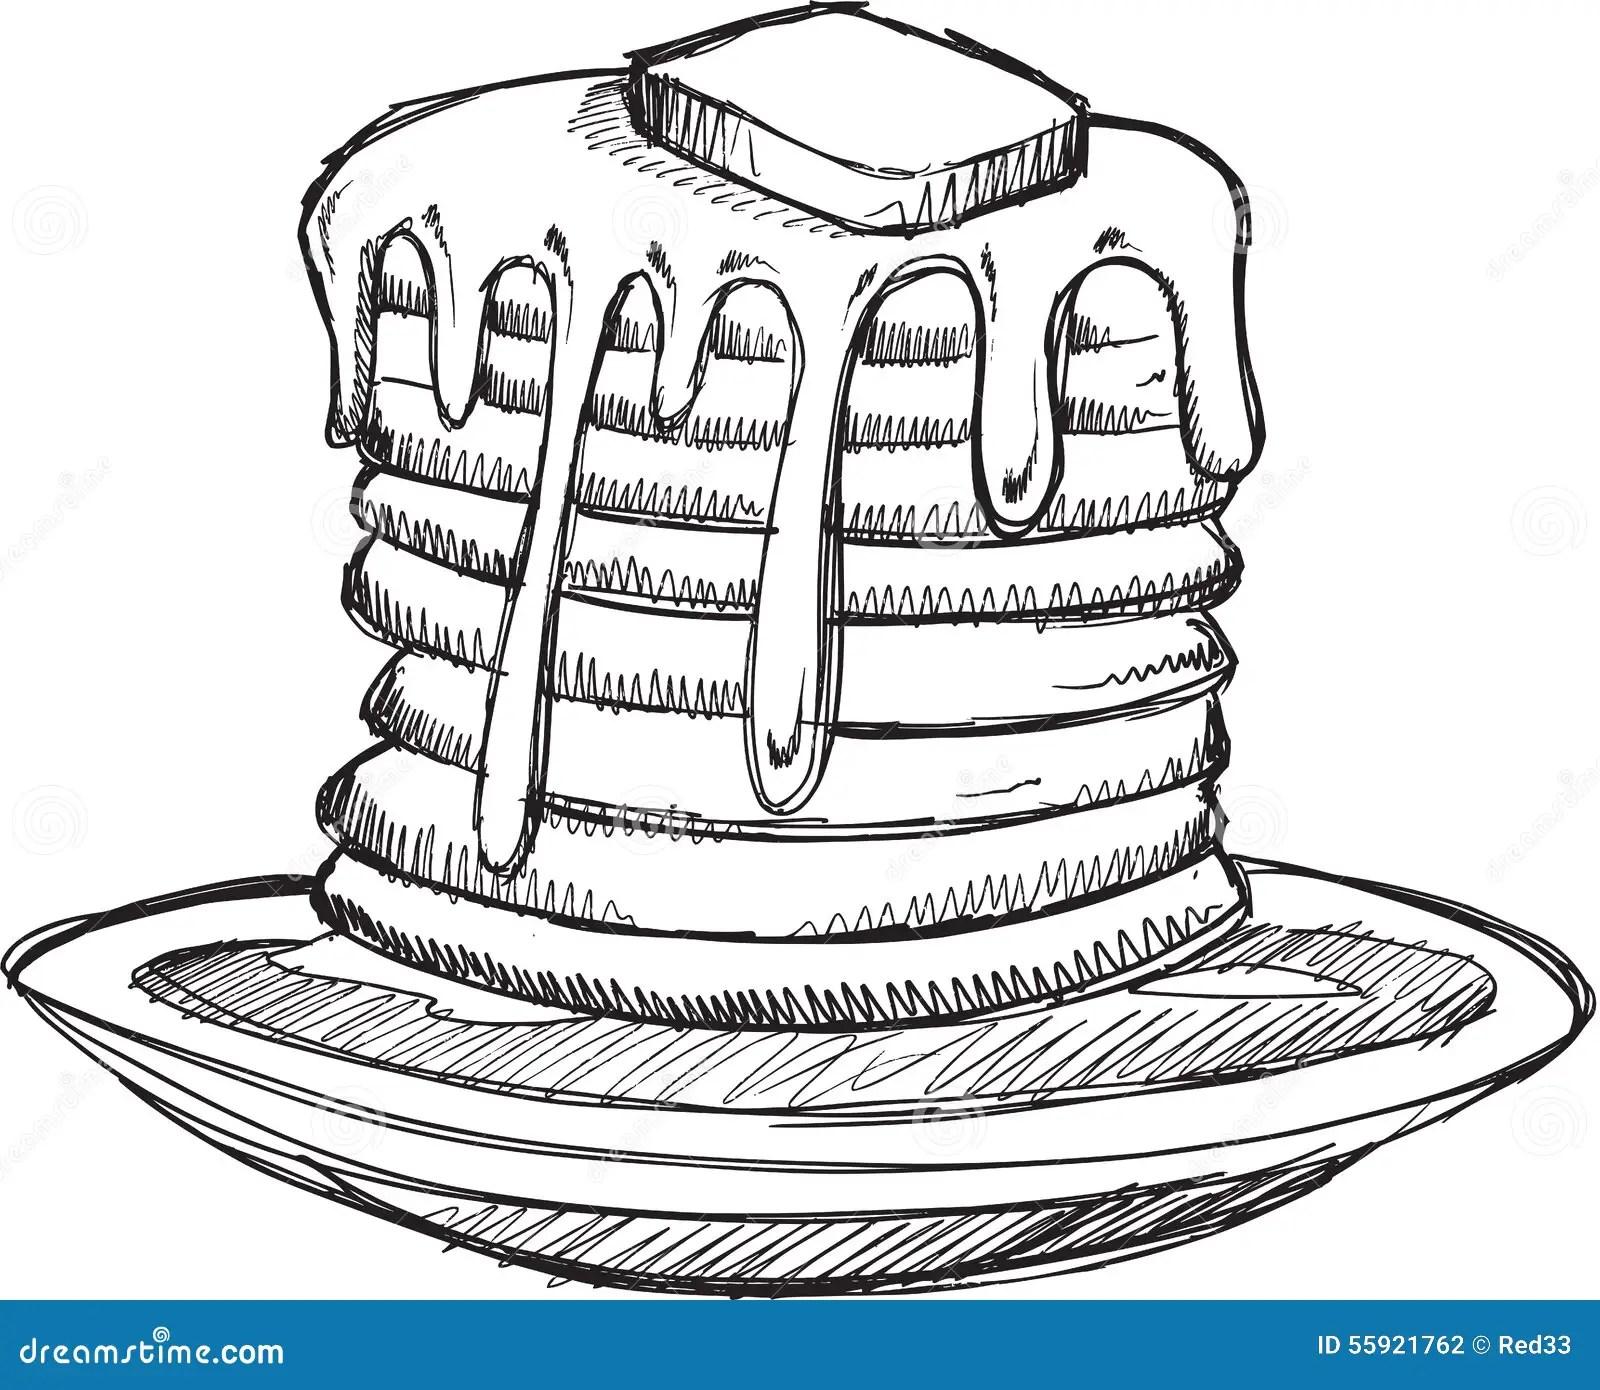 Doodle Pancake Breakfast Vector Stock Vector